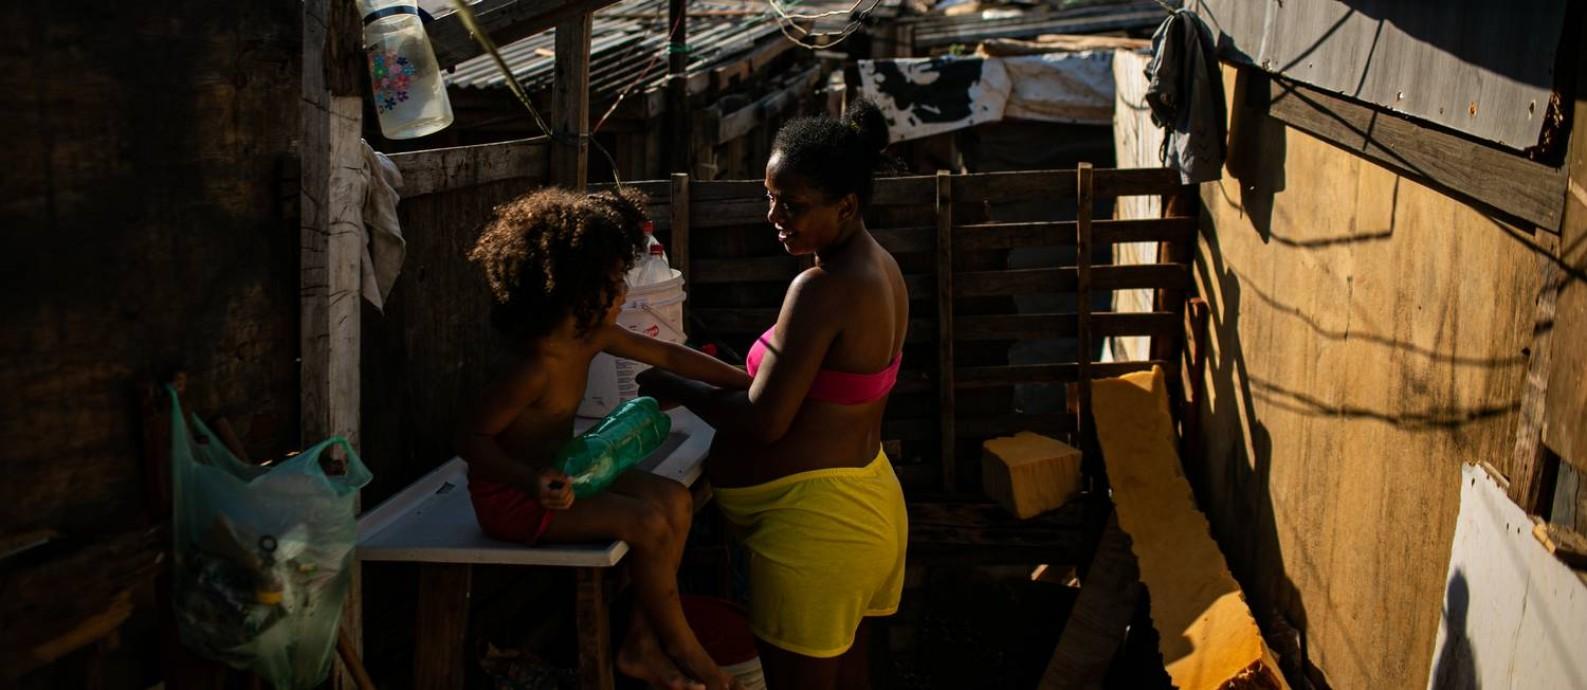 Gizelia de Oliveira Sebastiana e filha Samyra foram morar em uma ocupação após não ter mais dinheiro para pagar aluguel Foto: Hermes de Paula / Agência O Globo